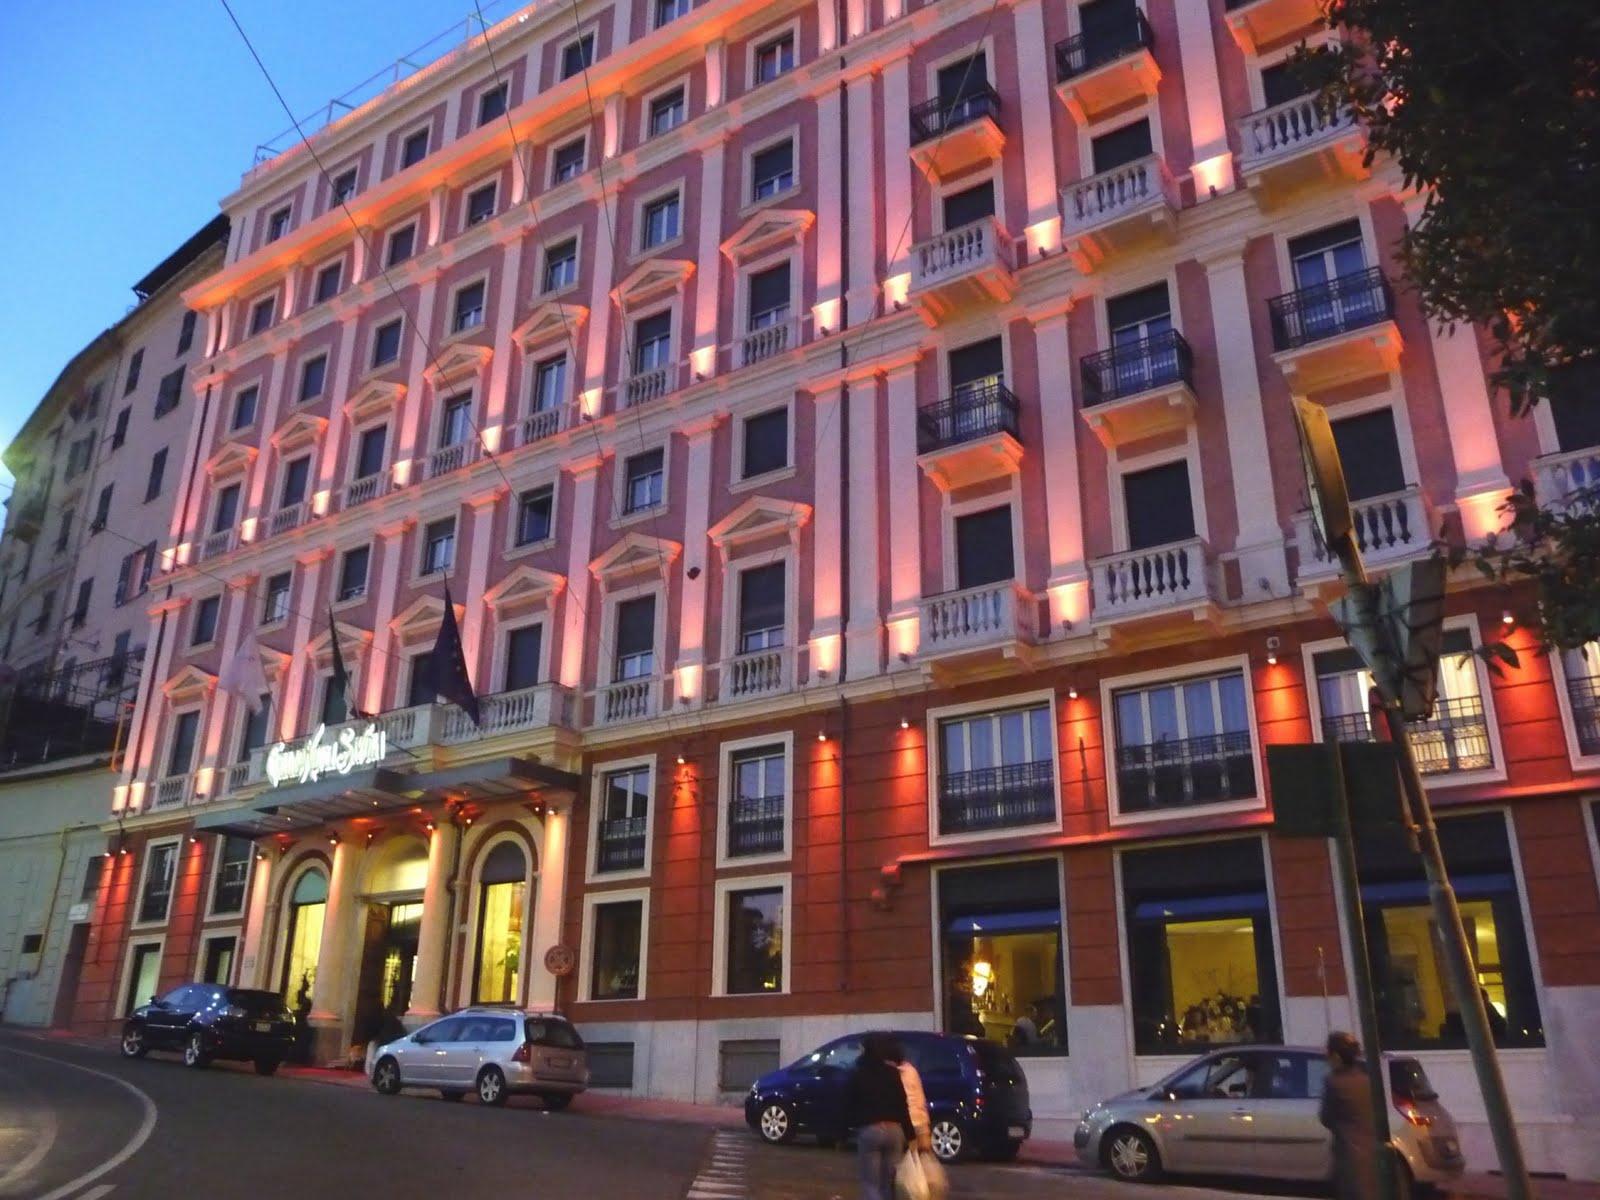 Thb Albergo Acquaverde Hotel In Genoa